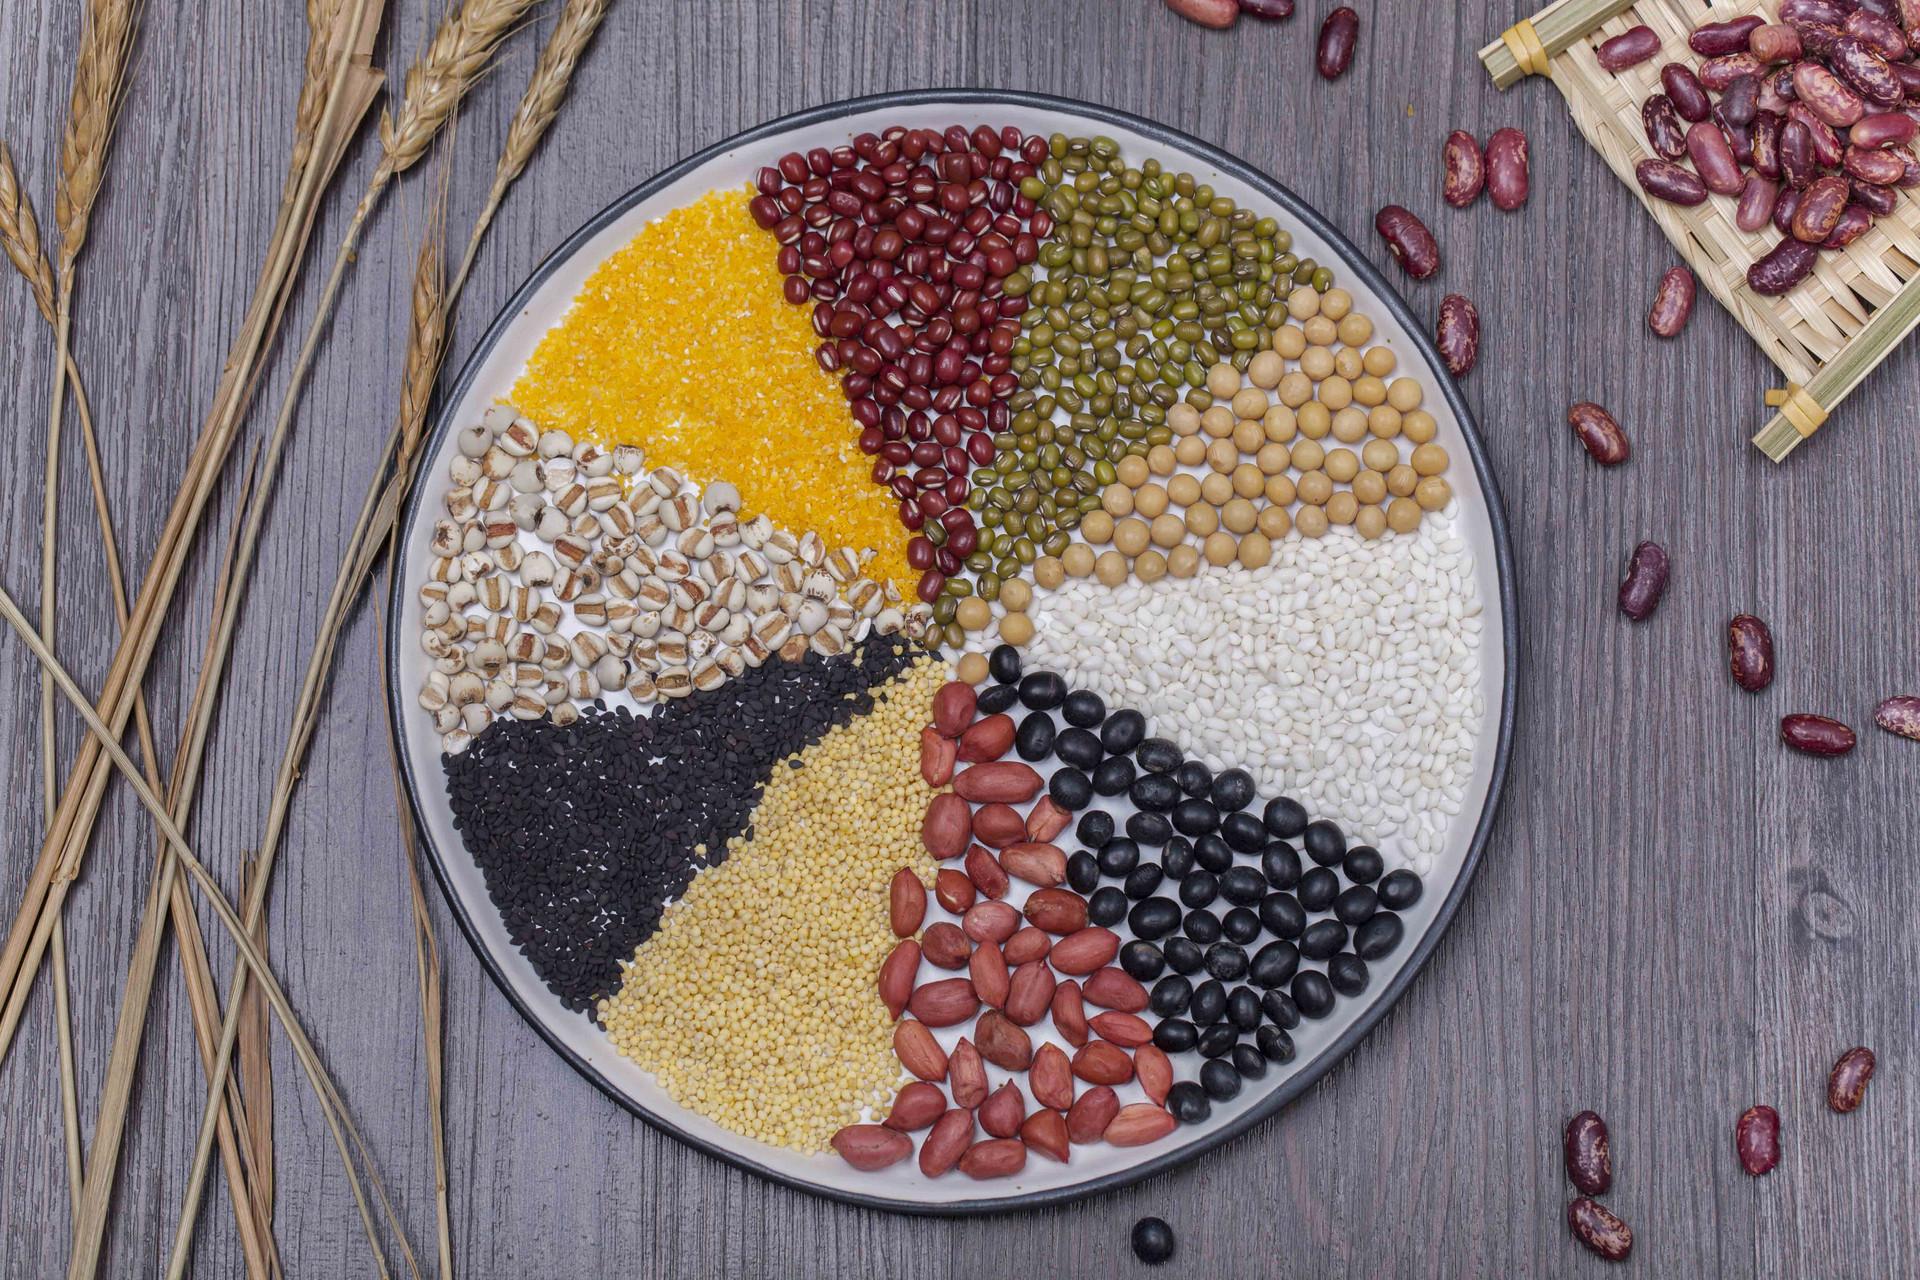 又到了吃红豆薏米汤的季节 孕妇不能吃薏米吗